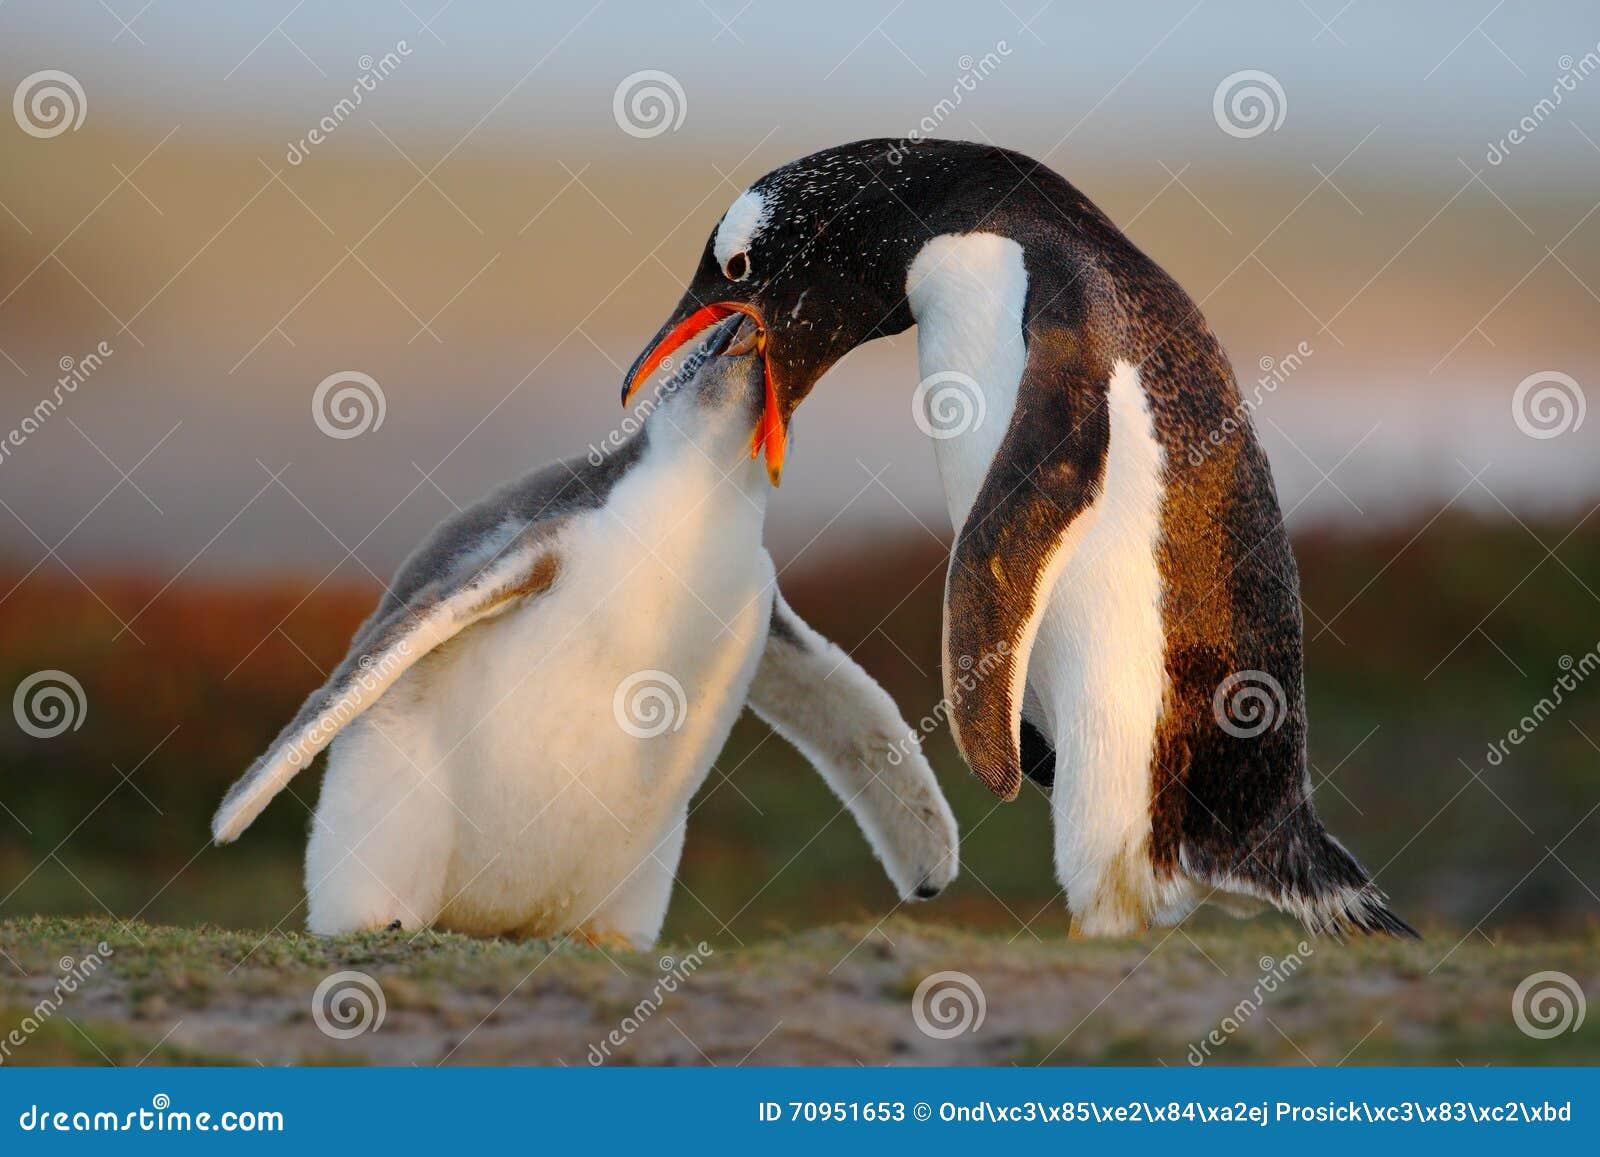 Cena de alimentação Alimento beging do pinguim novo do gentoo ao lado do pinguim adulto do gentoo, Malvinas Pinguins na grama Gen